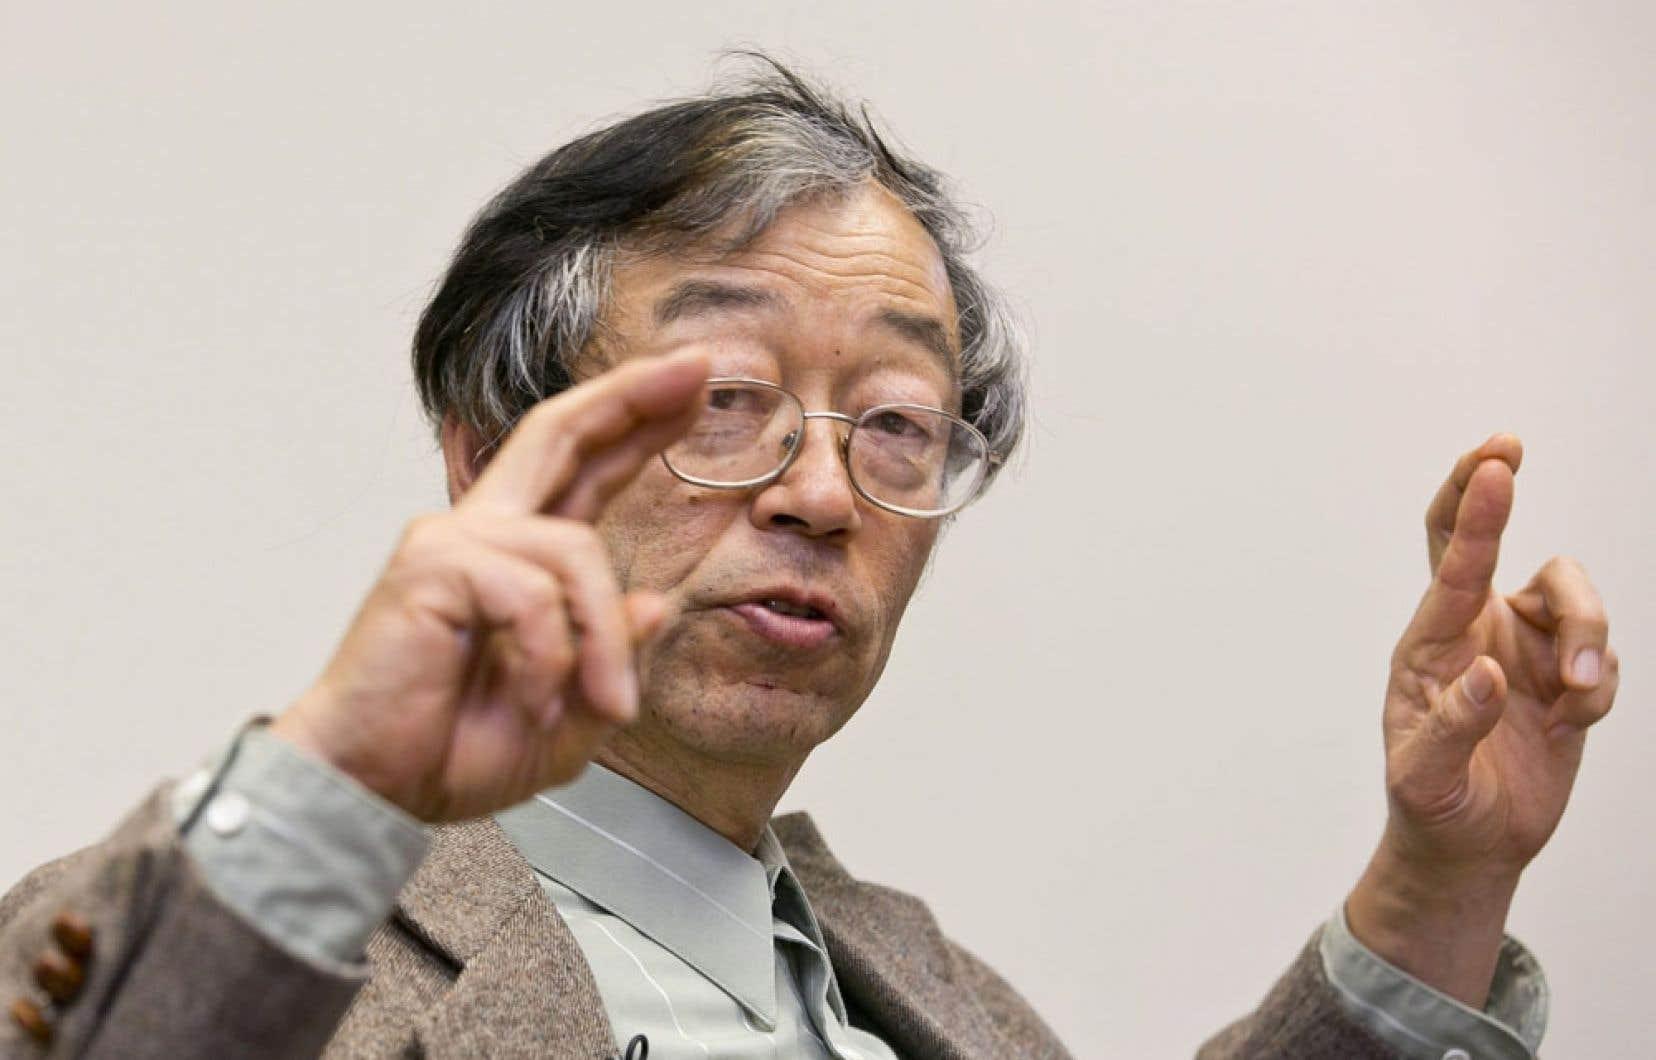 Dorian Satoshi Nakamoto serait à l'origine du bitcoin, selon le magazine Newsweek, qui relance sa version papier avec cette exclusivité.